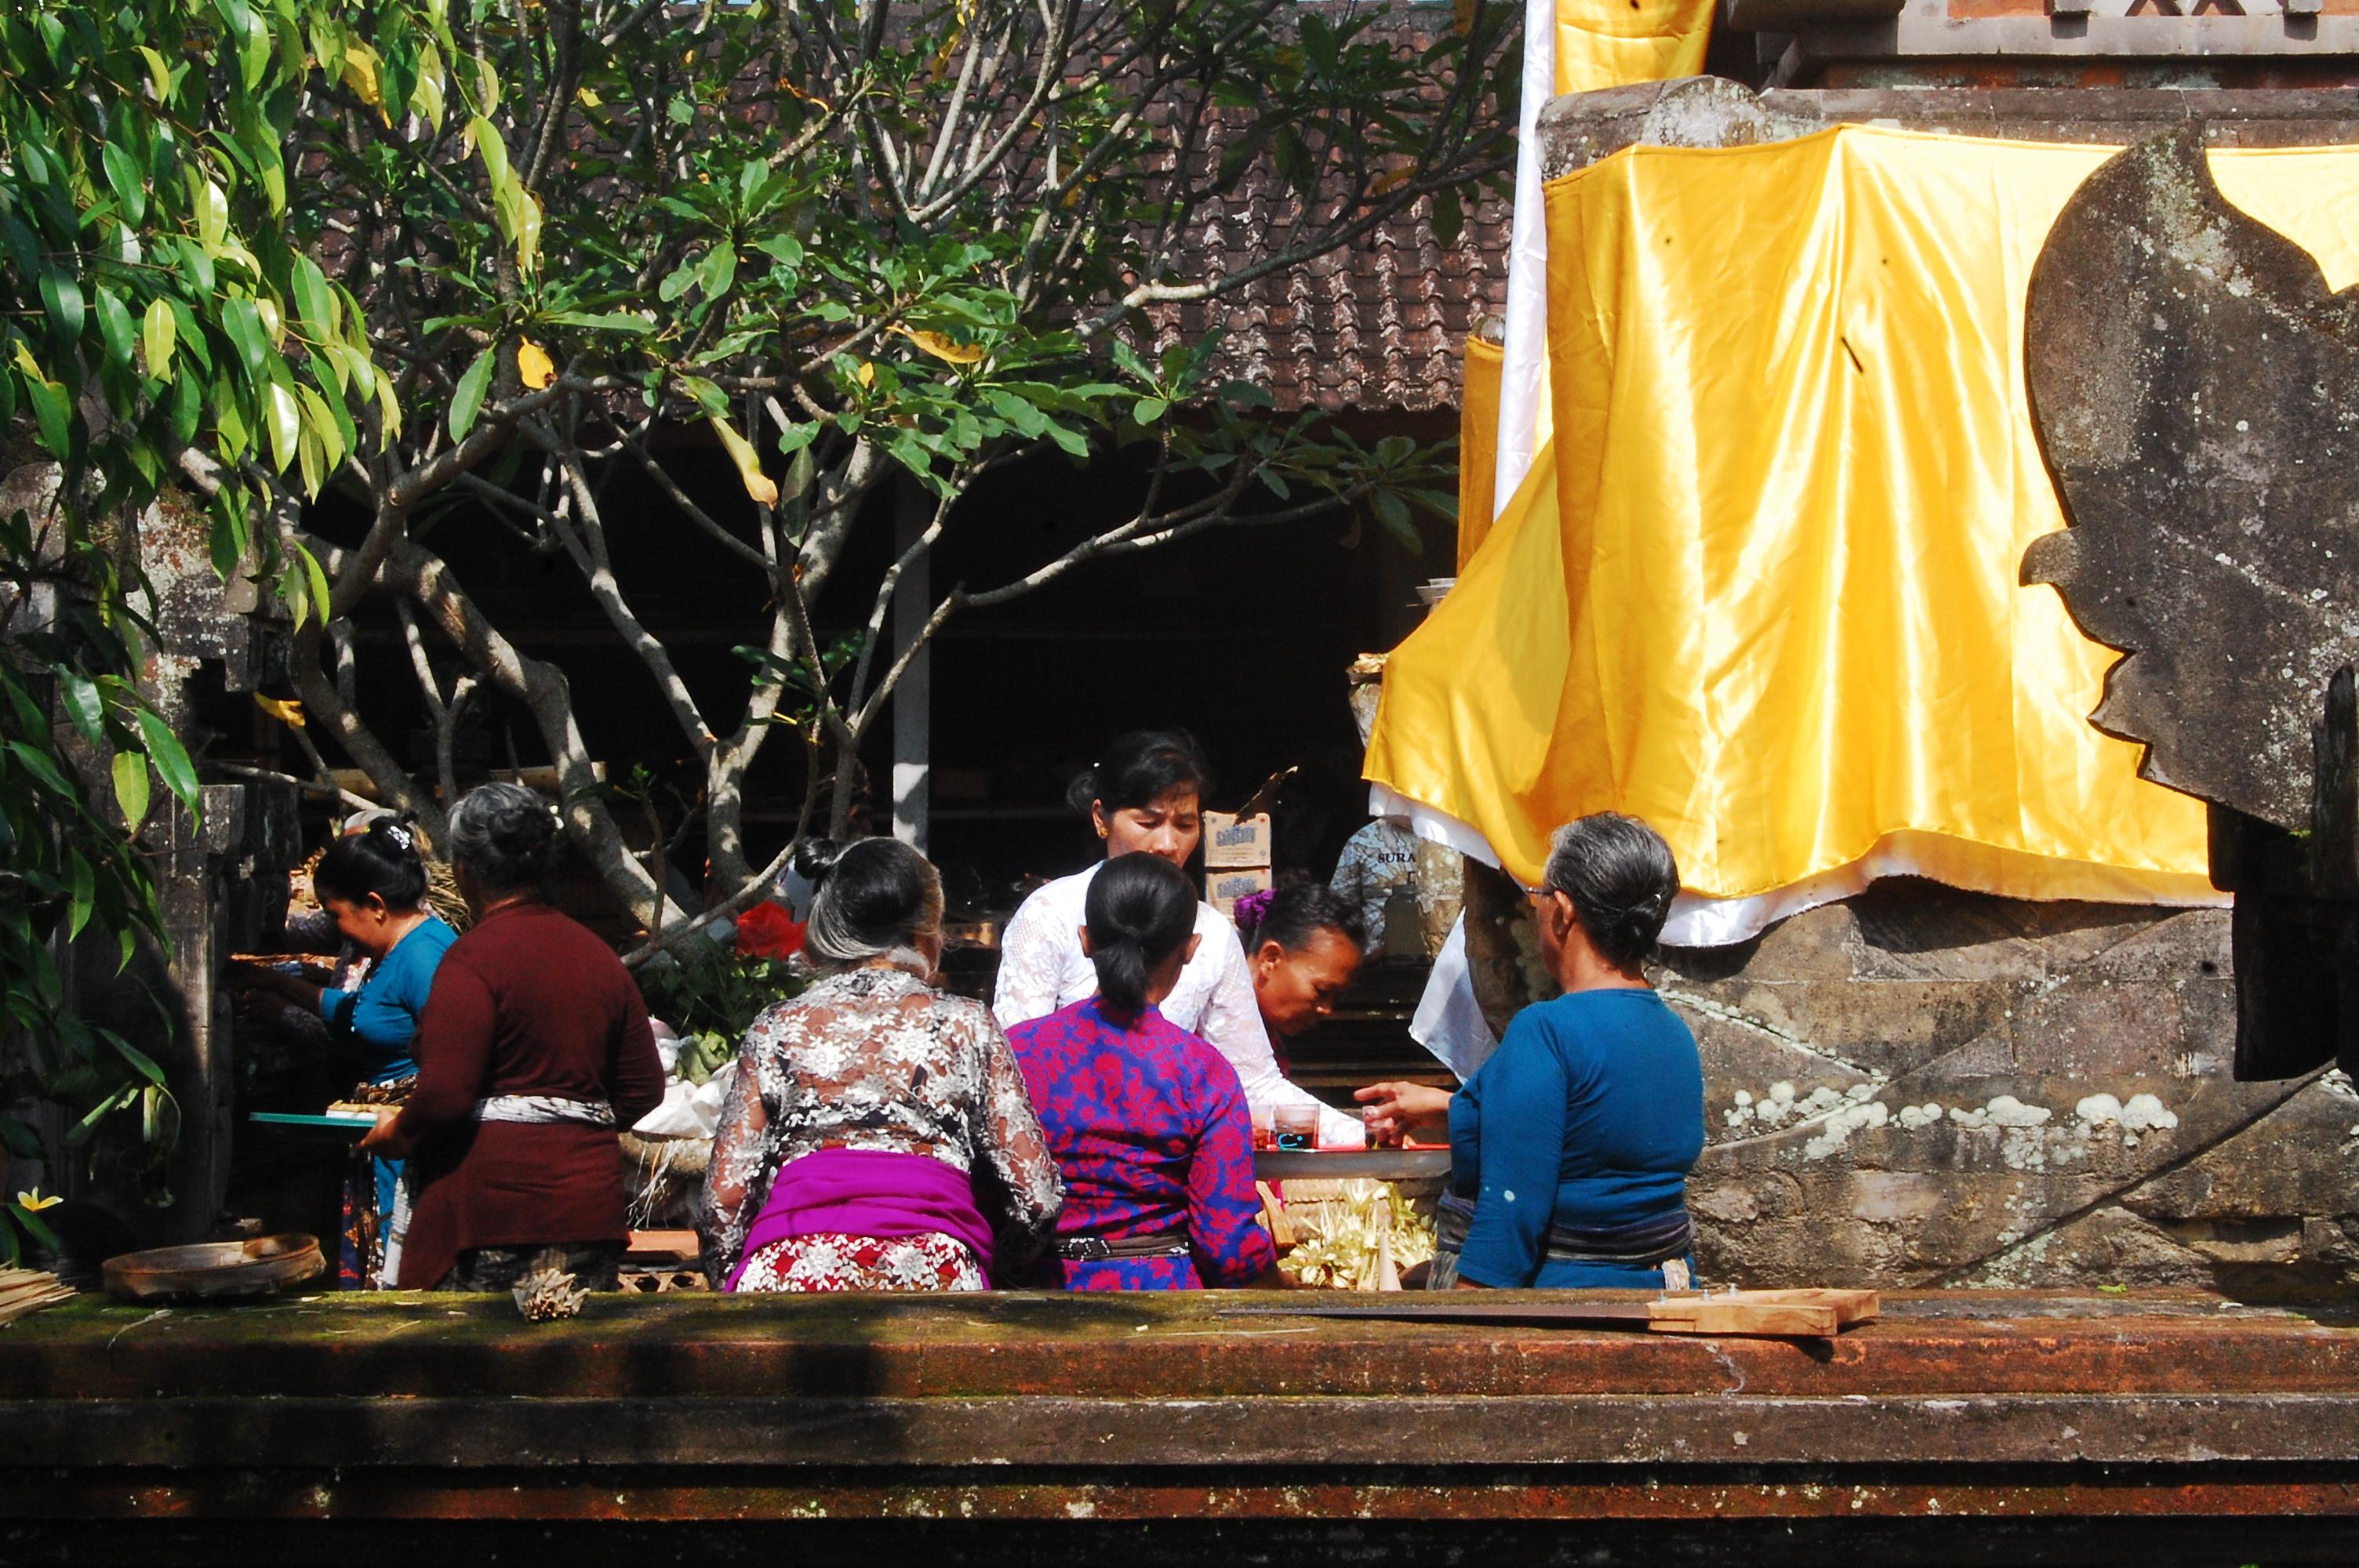 In a village temple in Gyaniar, Bali.